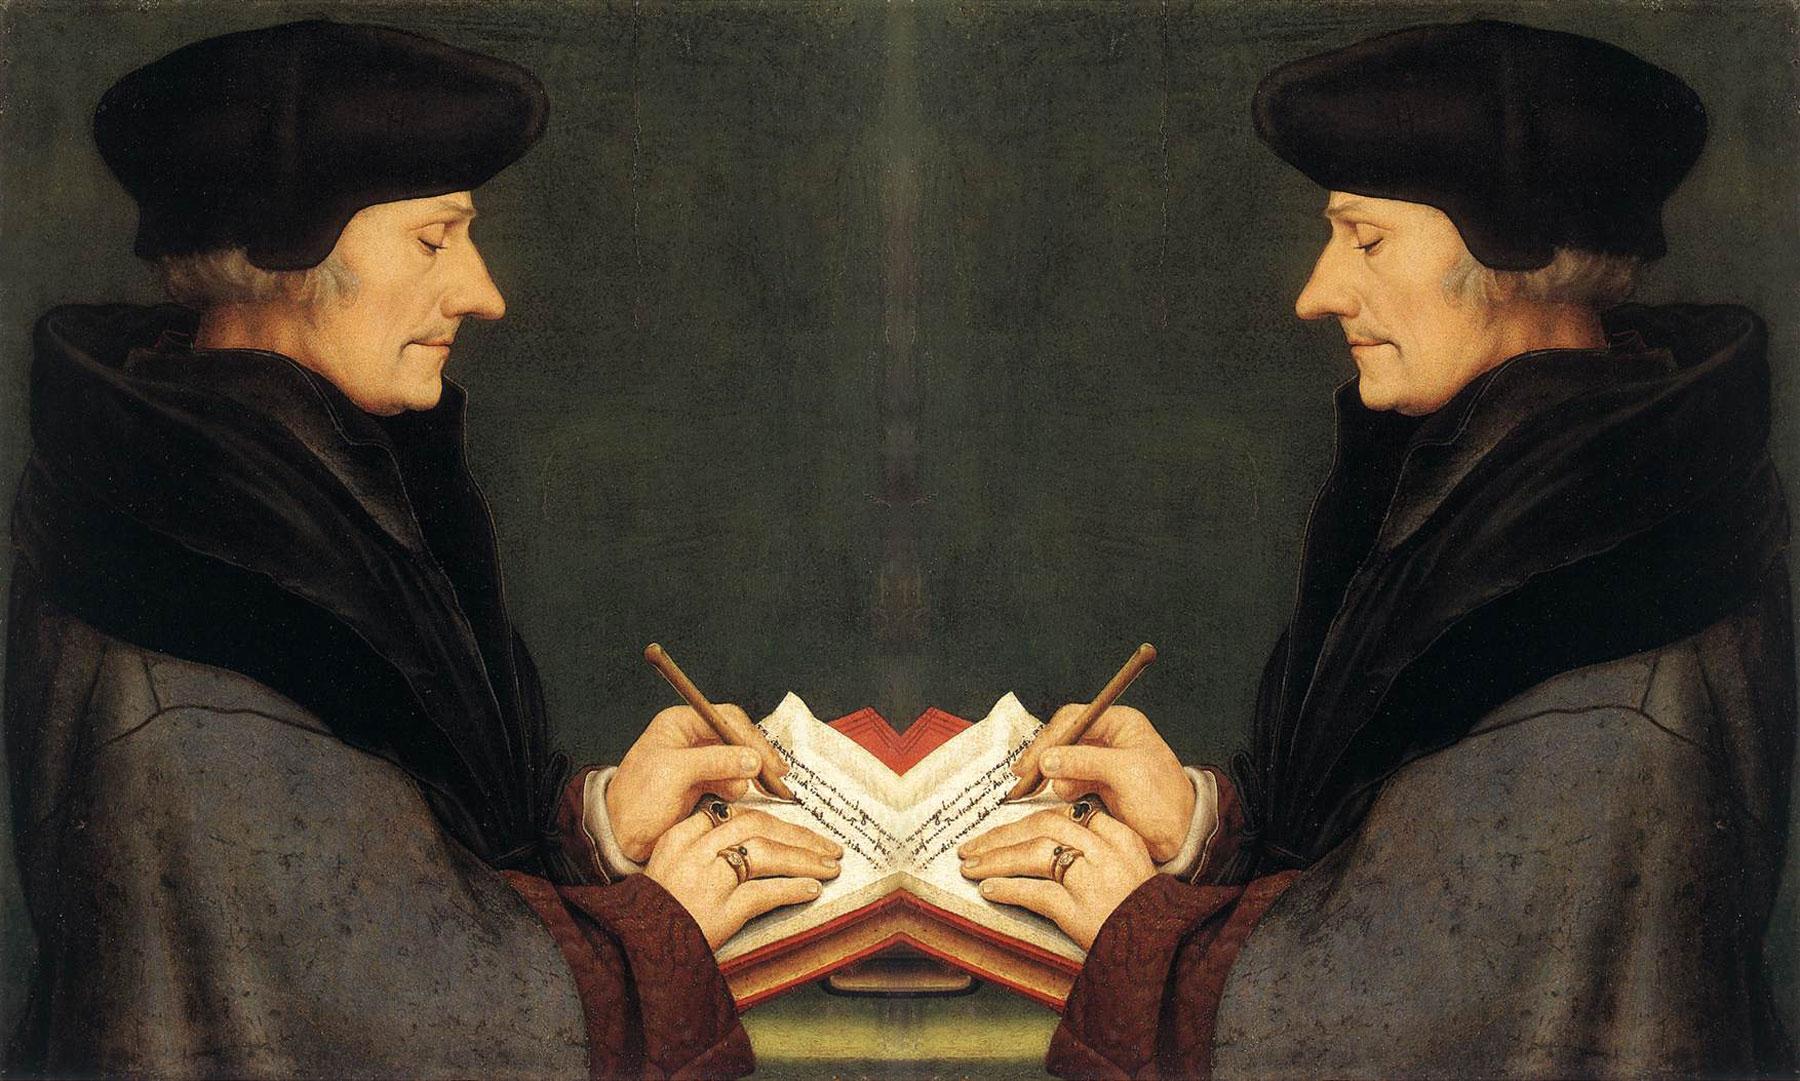 Paix d'Erasme, par SKI Stef Kervor Infographie pour Eden Saga, d'après : Holbein-erasmus2, Par Hans Holbein le Jeune — http://www.wga.hu/art/h/holbein/hans_y/1525/06erasmu.jpg, Domaine public, https://commons.wikimedia.org/w/index.php?curid=2320